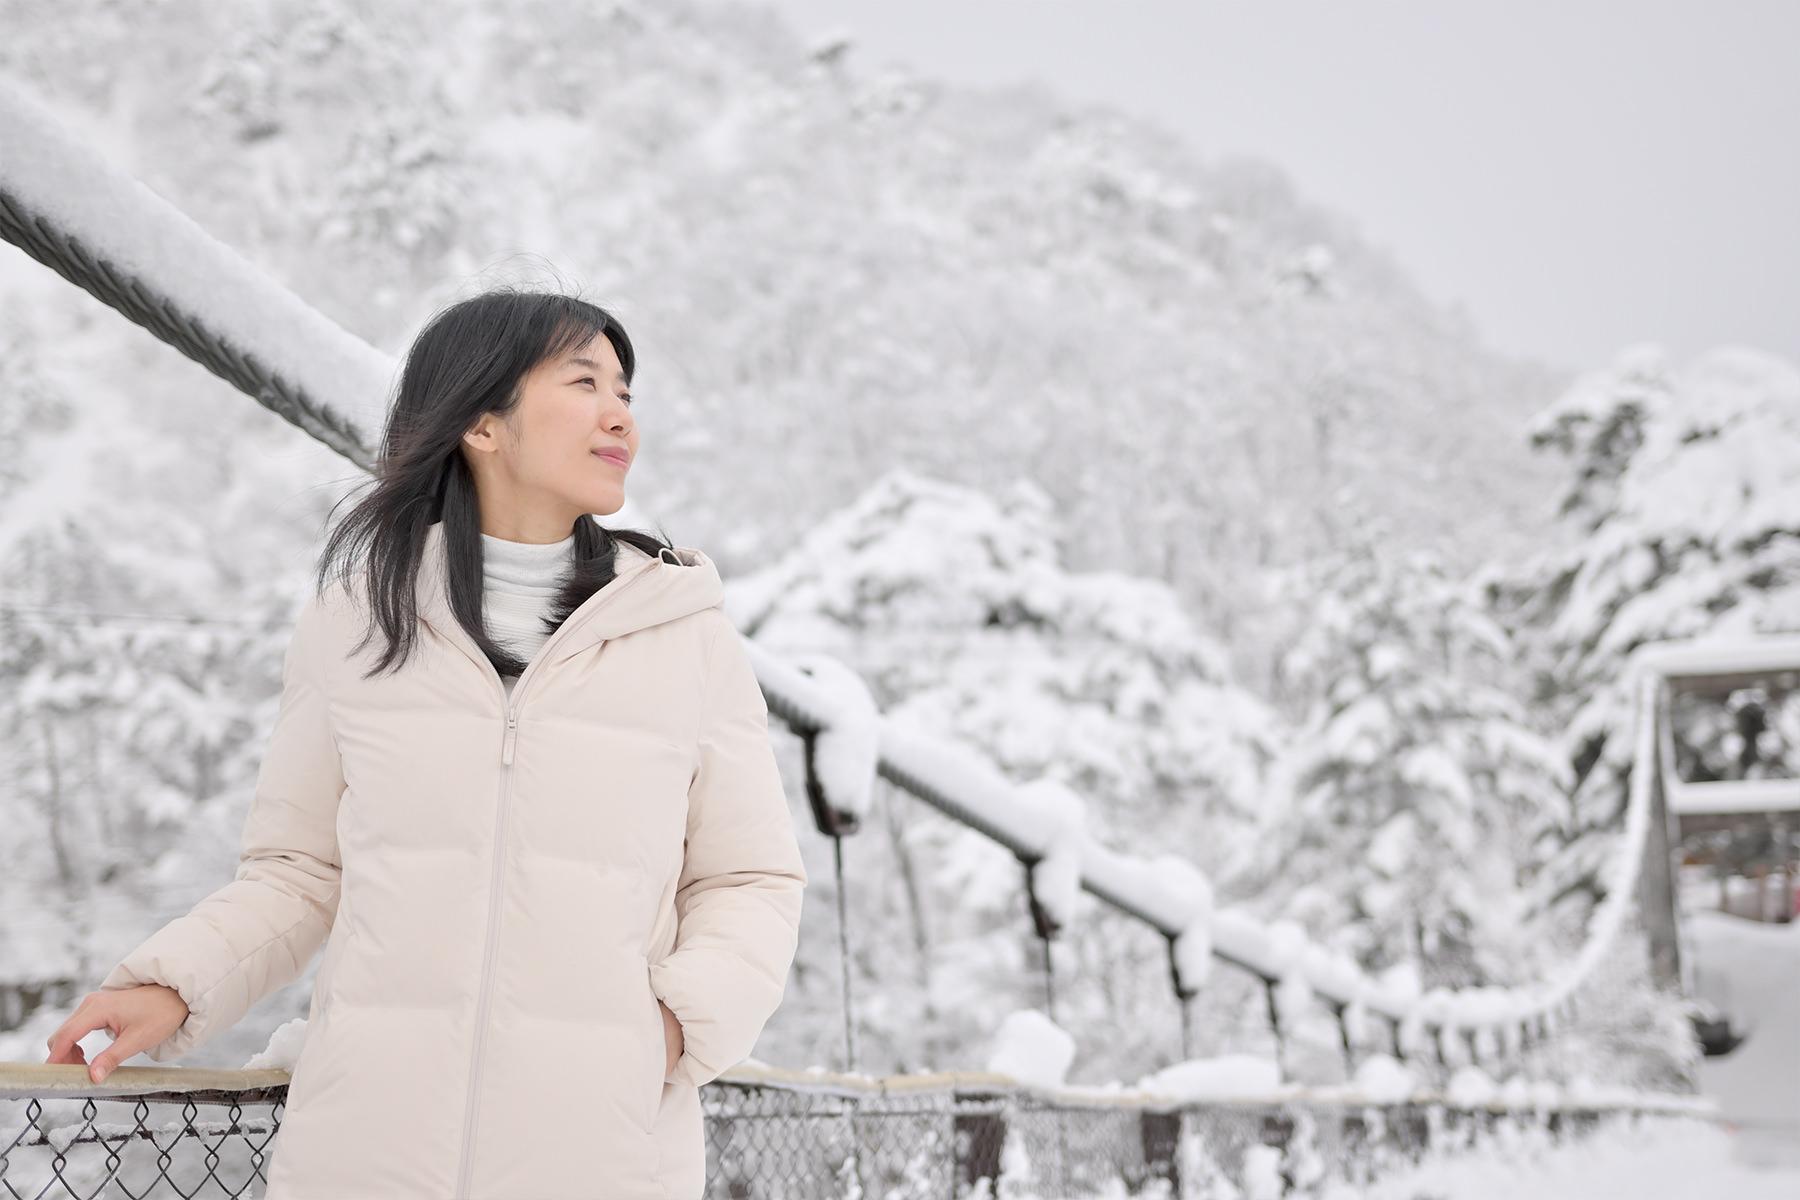 冬-6雪の吊り橋